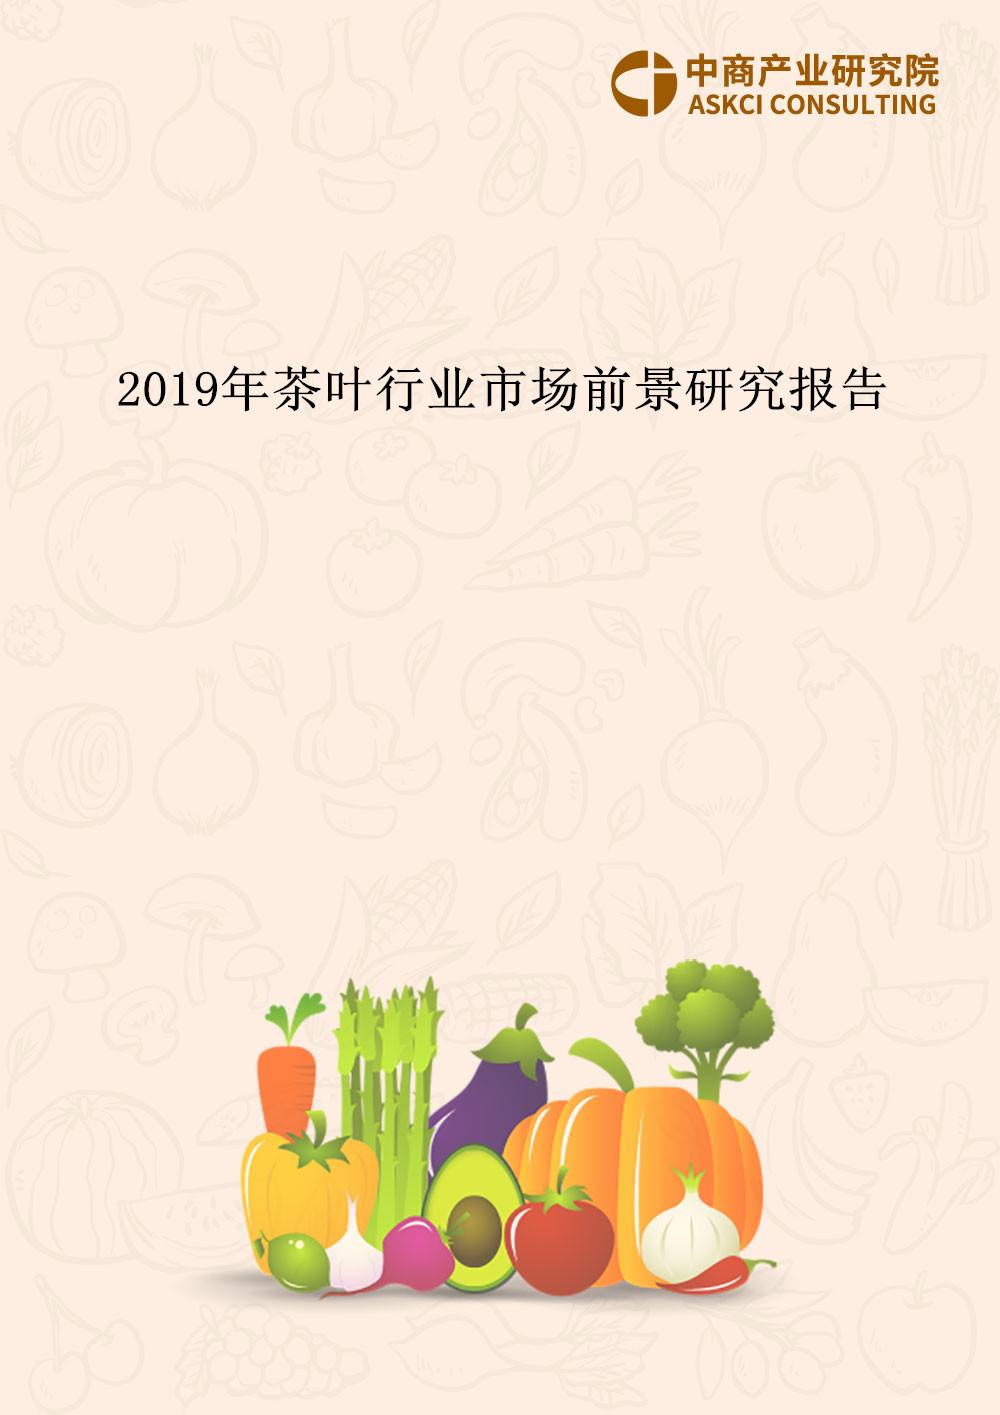 2019年茶叶行业市场前景及投资研究报告